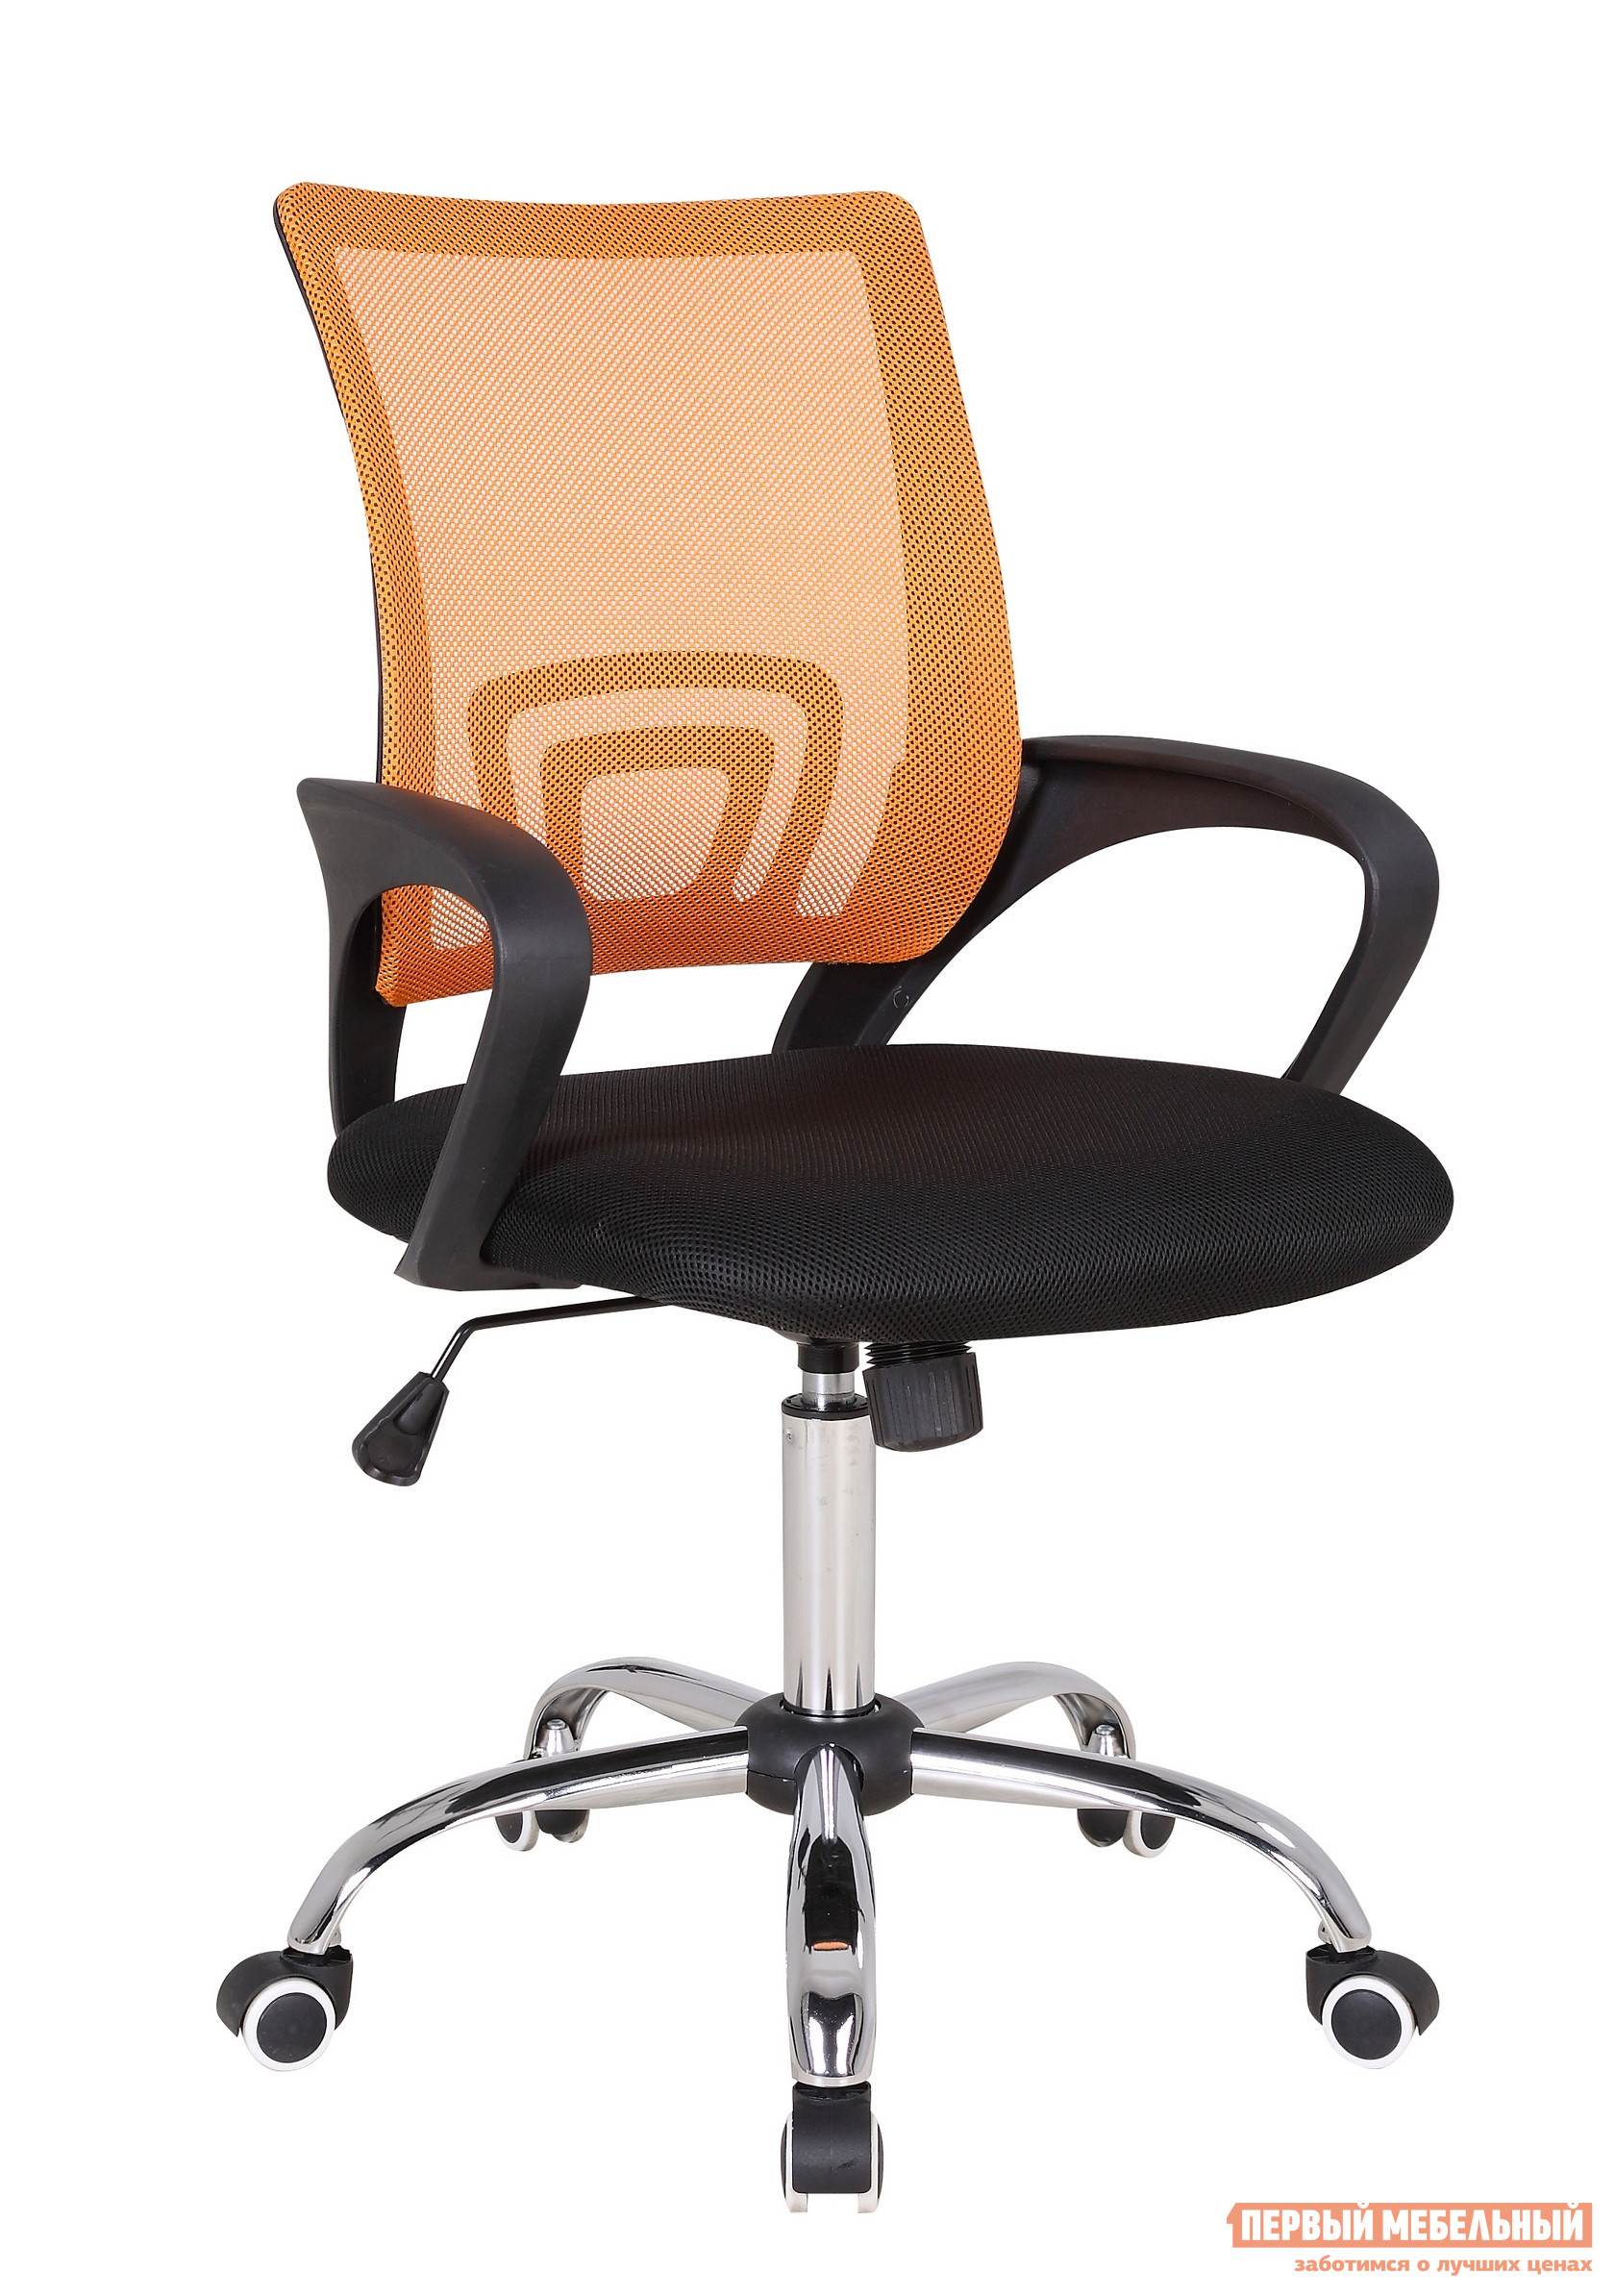 Кресло для офиса Бюрократ CH-695SL Сетка Оранжевый TW-38-3 / Черный TW-11 от Купистол